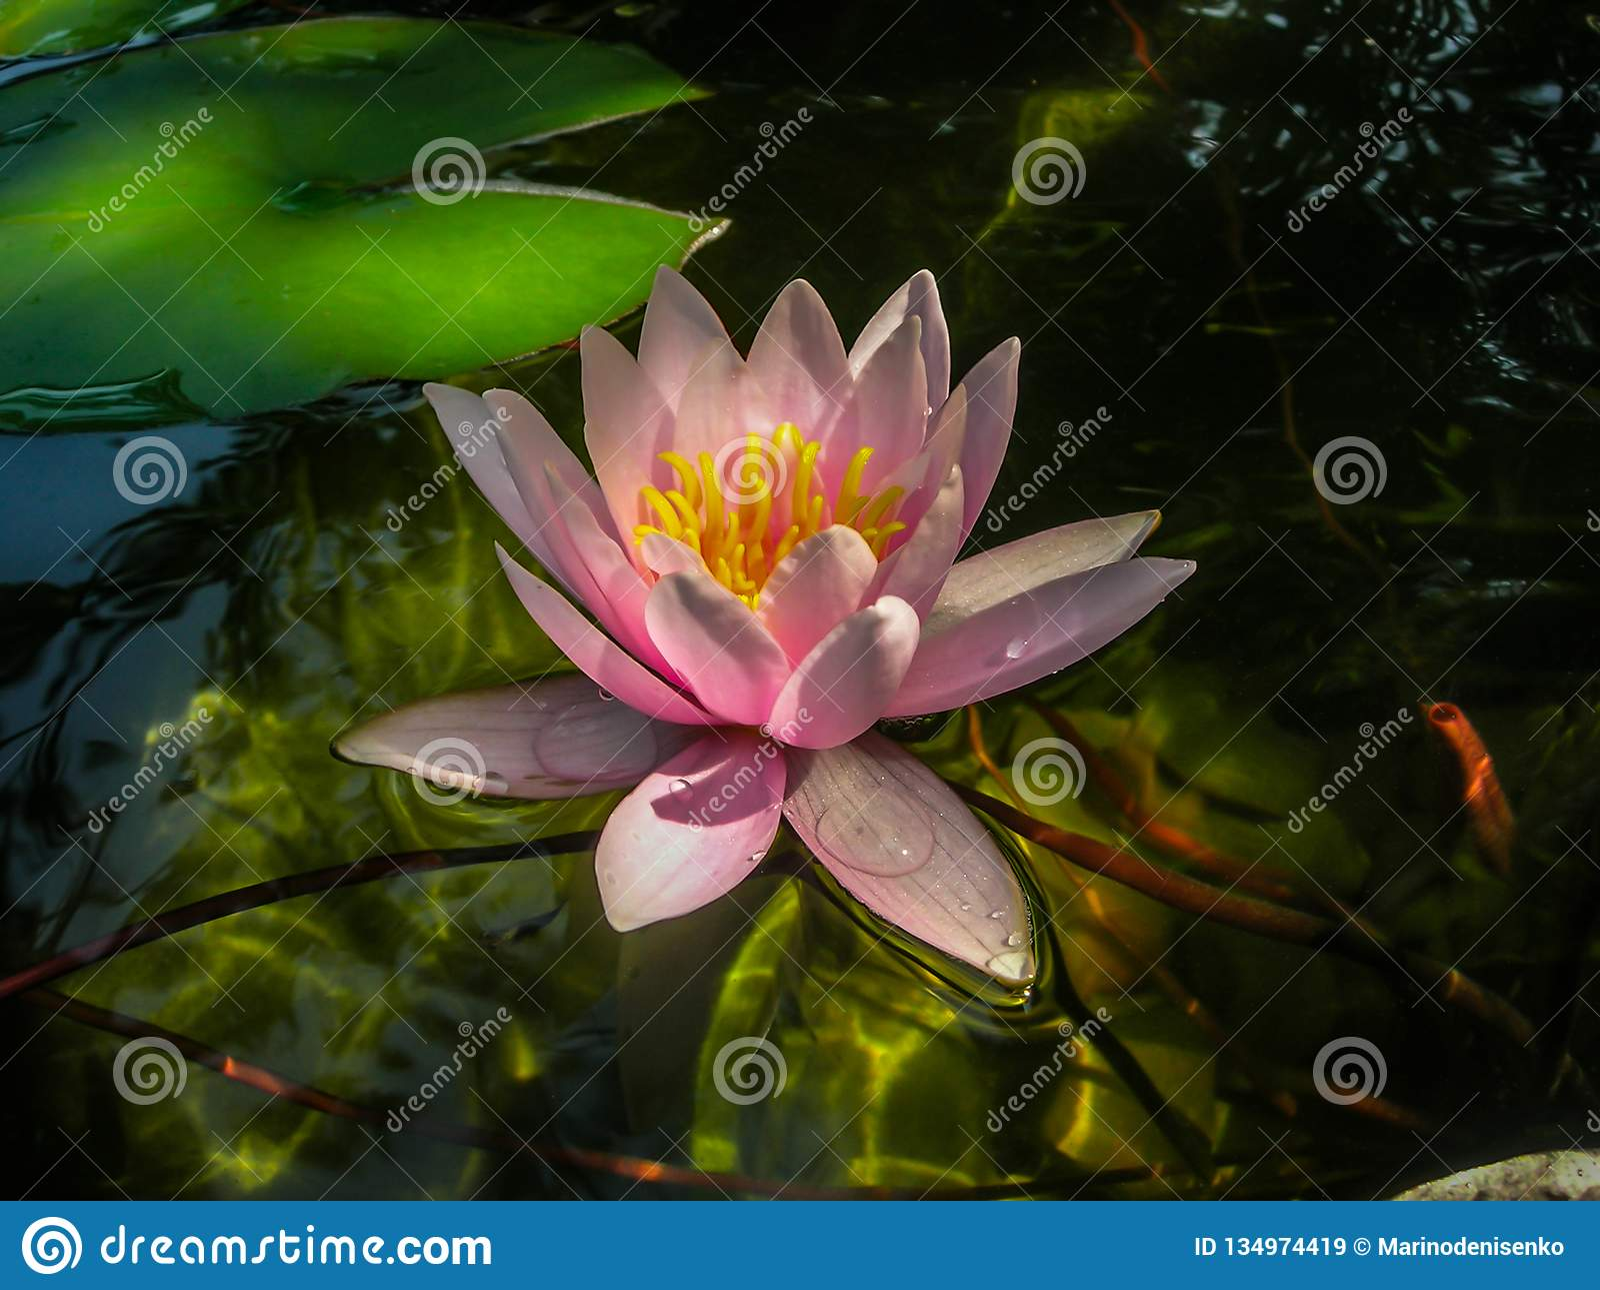 De mooie roze waterlelie of lotusbloembloem Marliacea Rosea in glashelder water met een bezinning van zon schittert bij de bodem